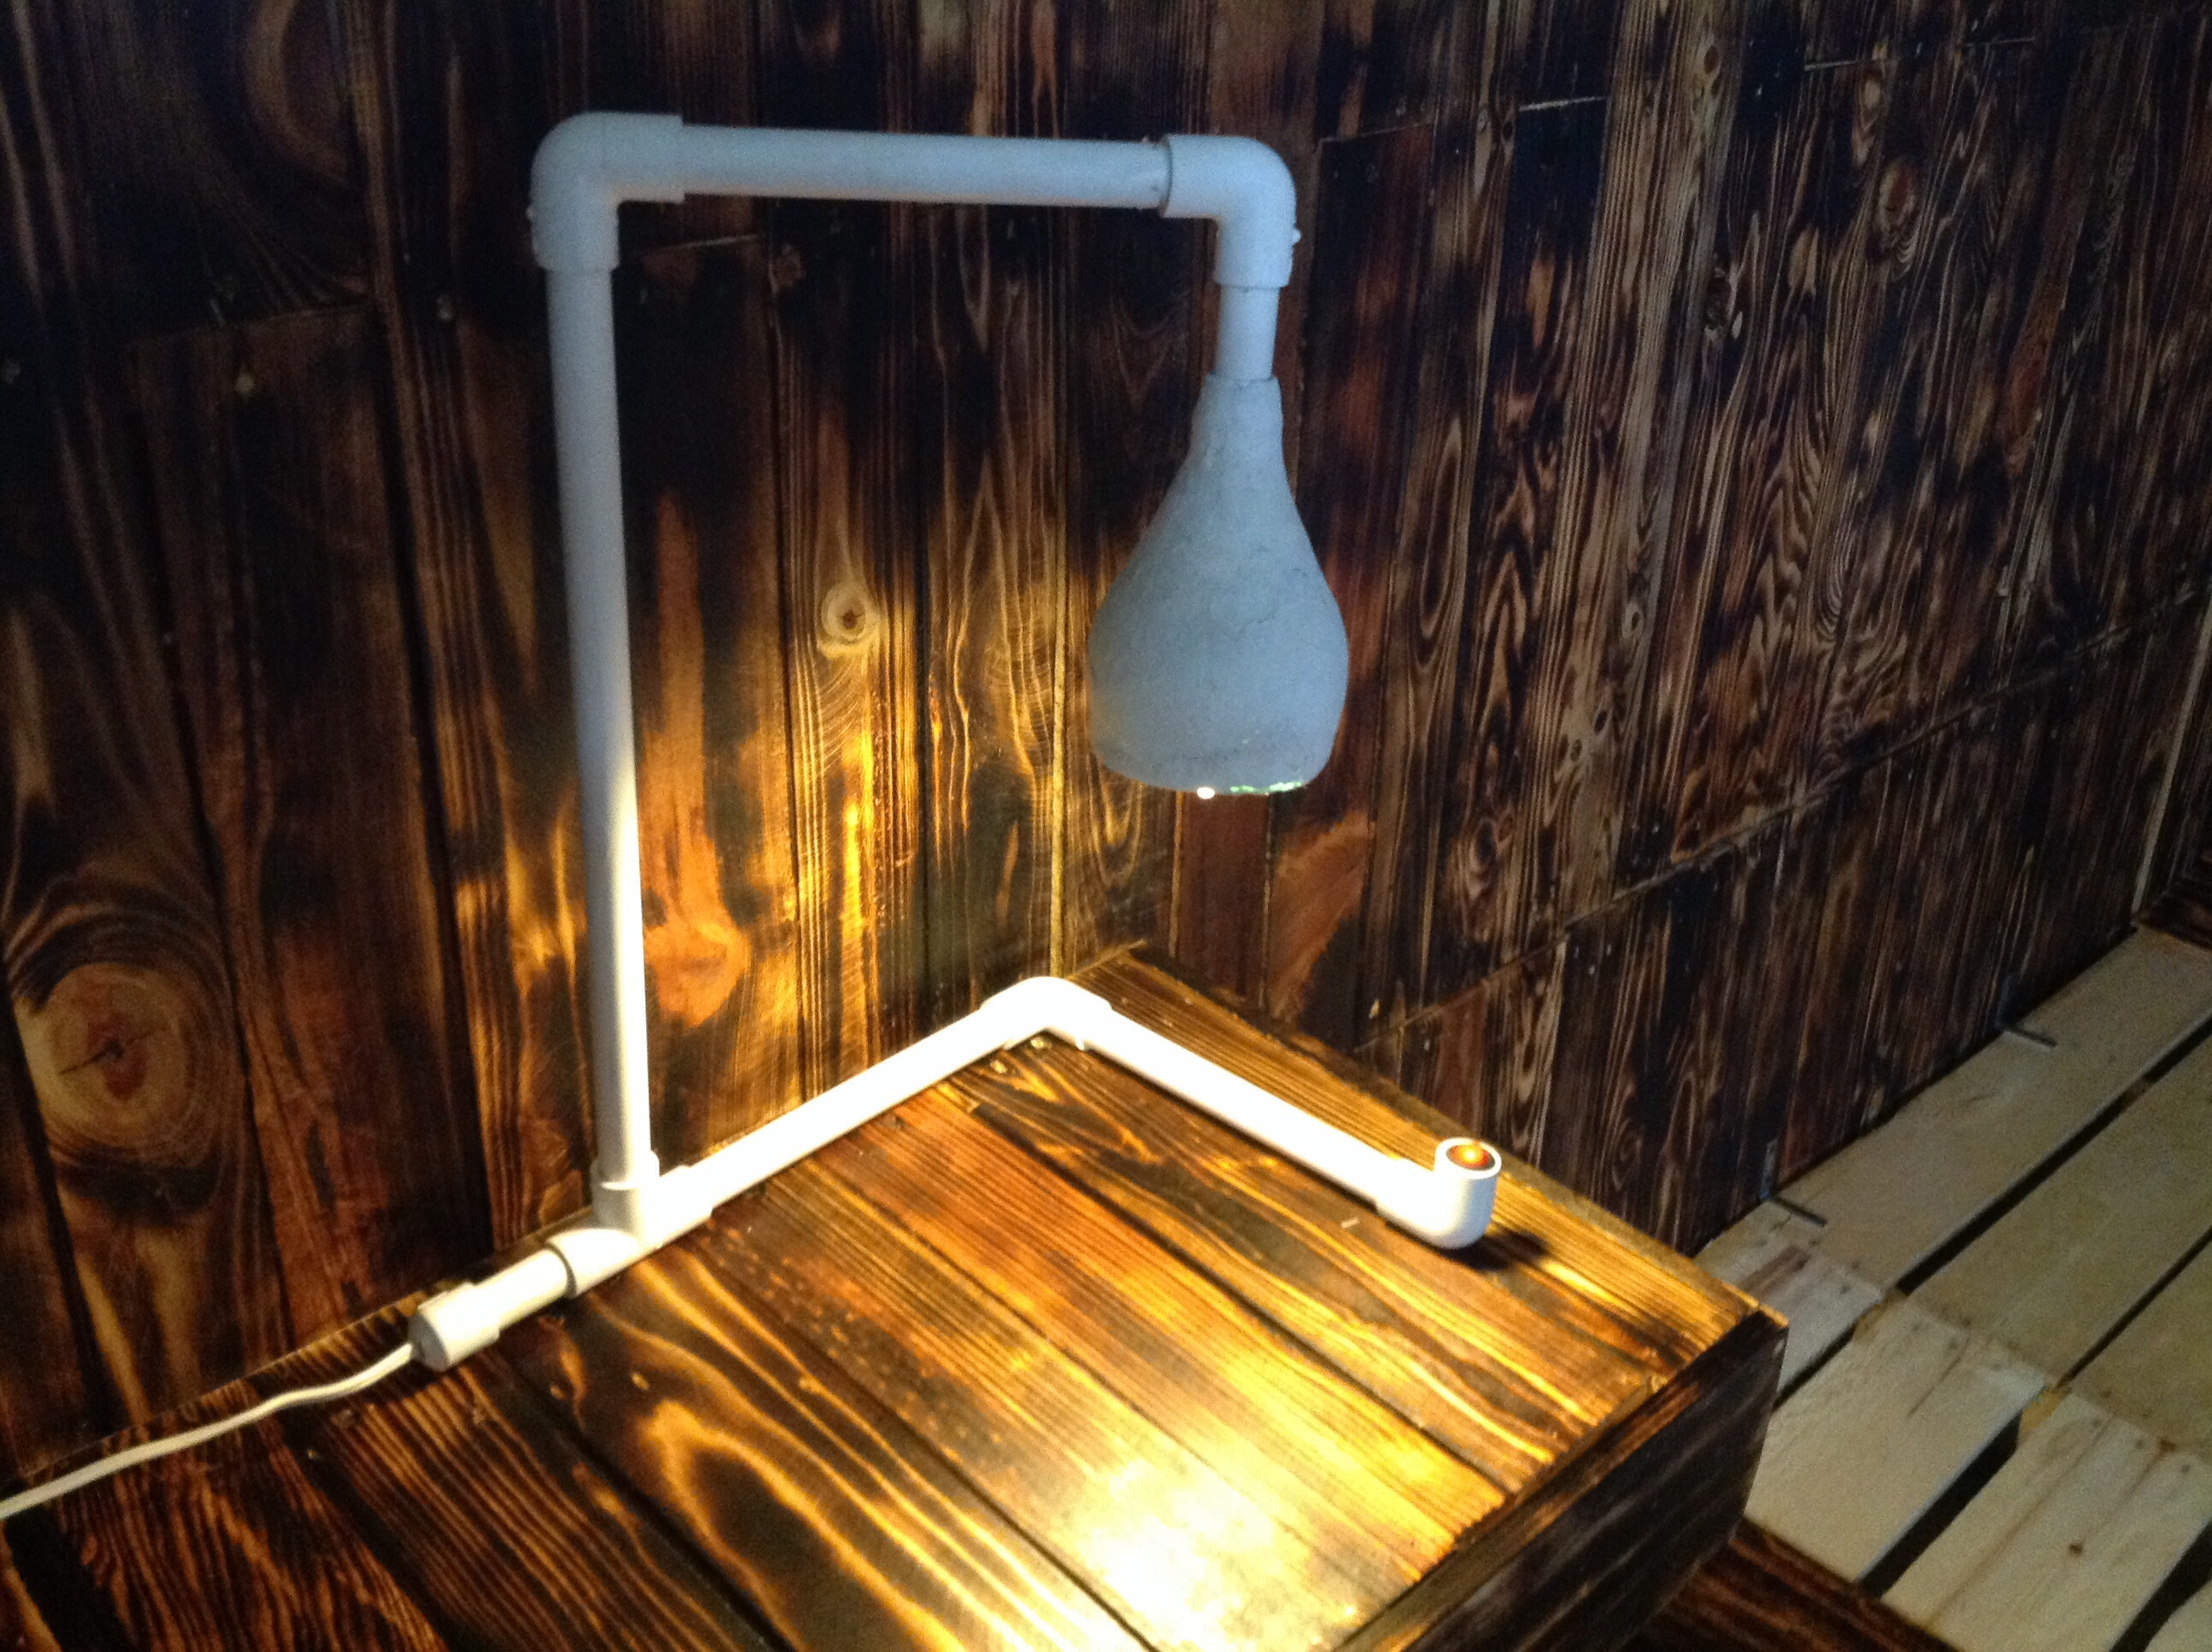 Lámpara PVC Articulated PVC Steps De Articulada Lamp5 n0POkw